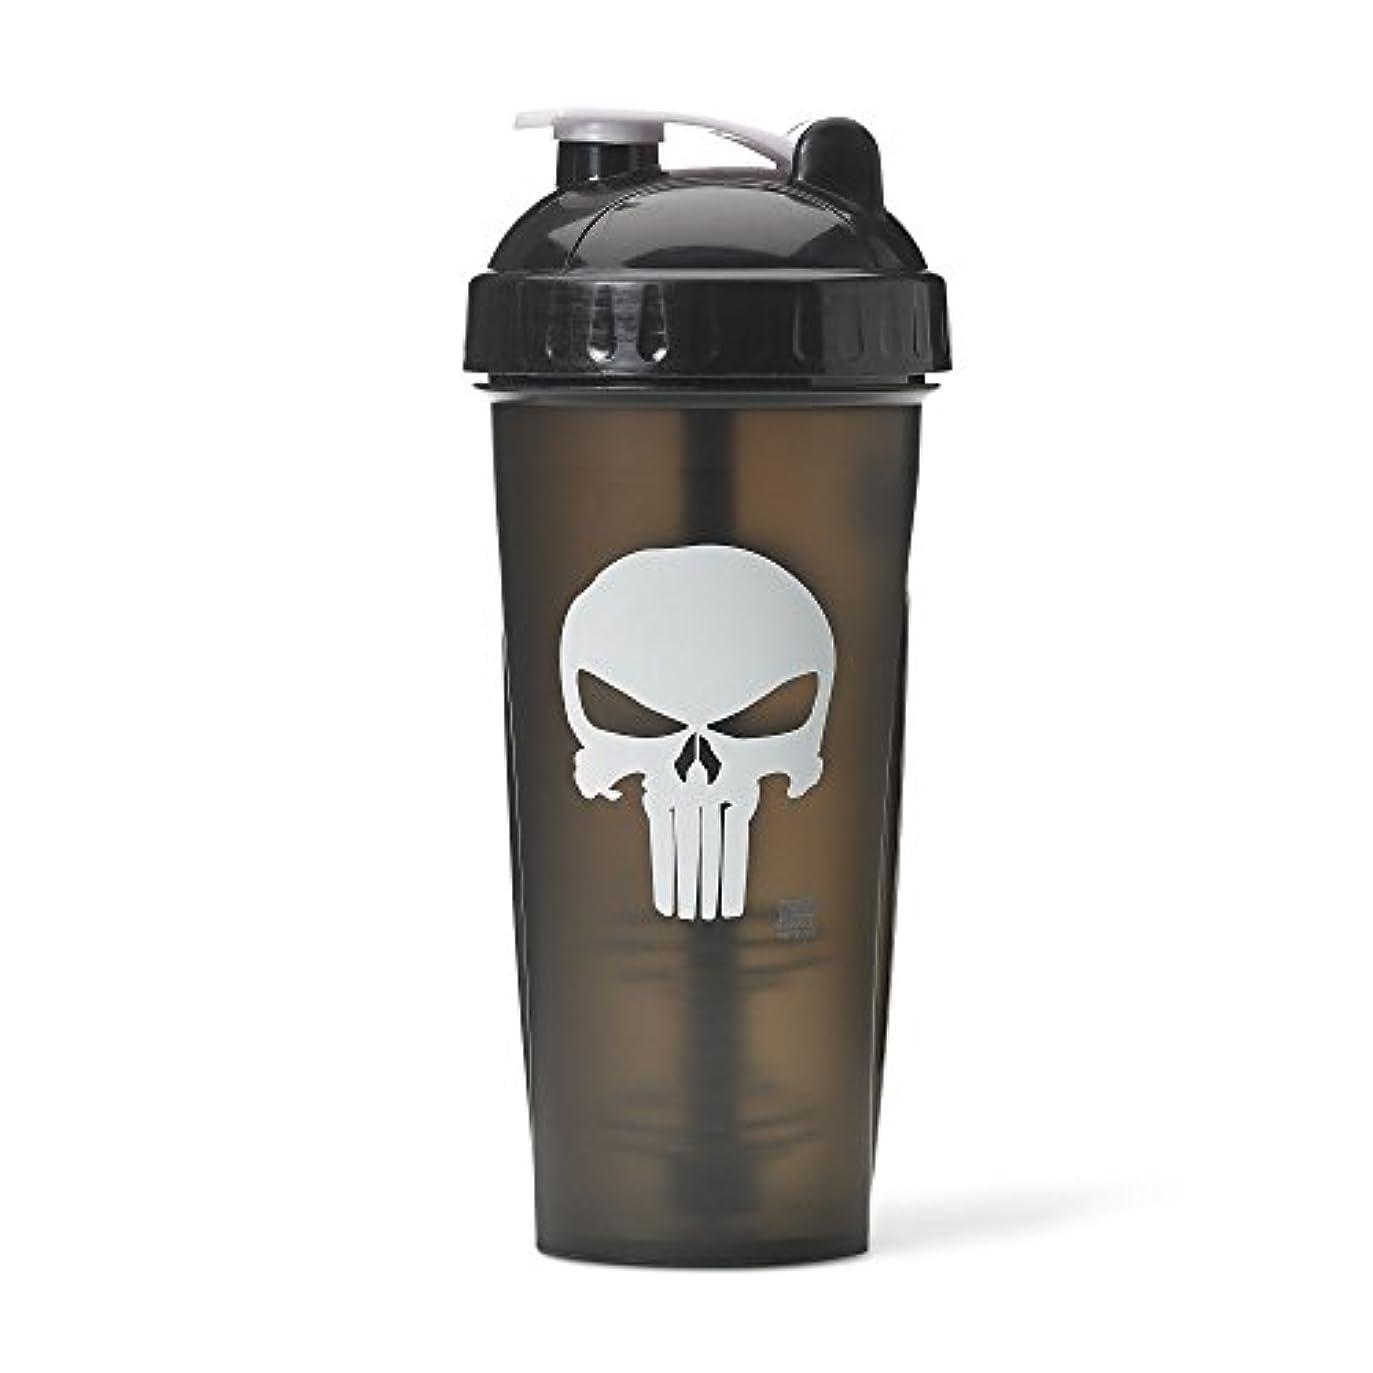 カール過半数ではごきげんようPerforma Marvel Shaker - Original Series, Leak Free Protein Shaker Bottle with Actionrod Mixing Technology for...